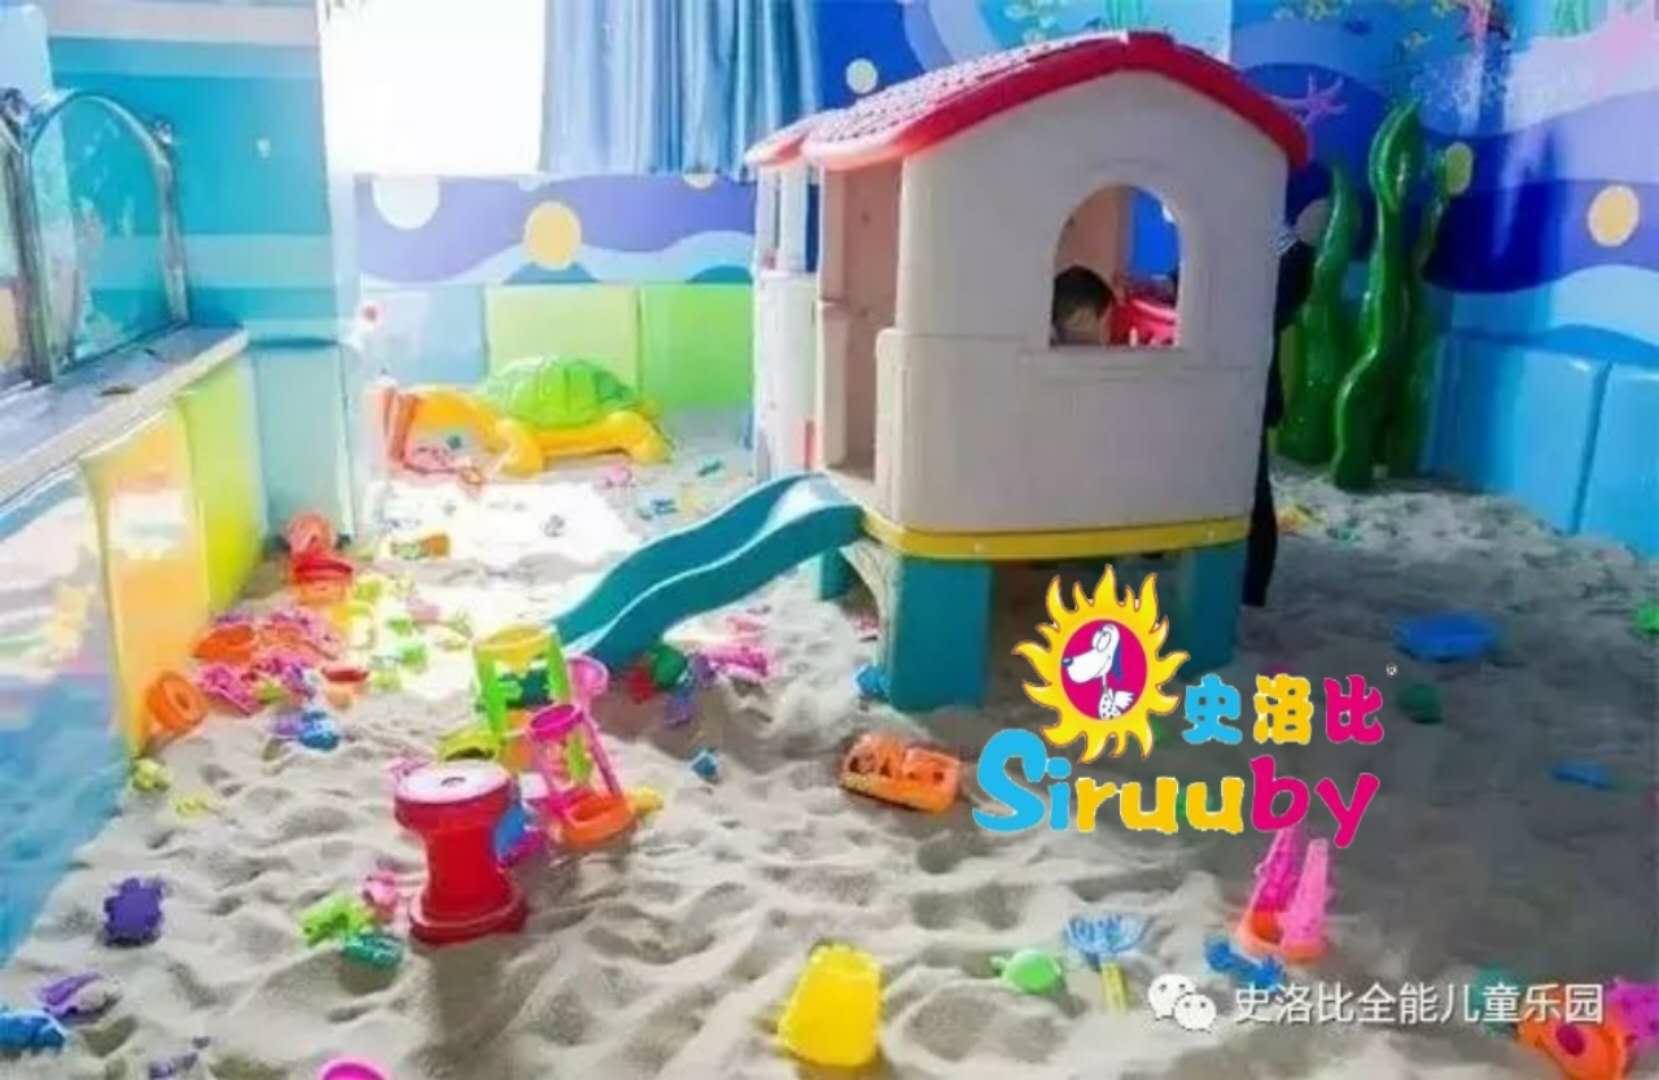 专业提供加盟淘气堡梦幻沙池项目,中国加盟儿童淘气堡